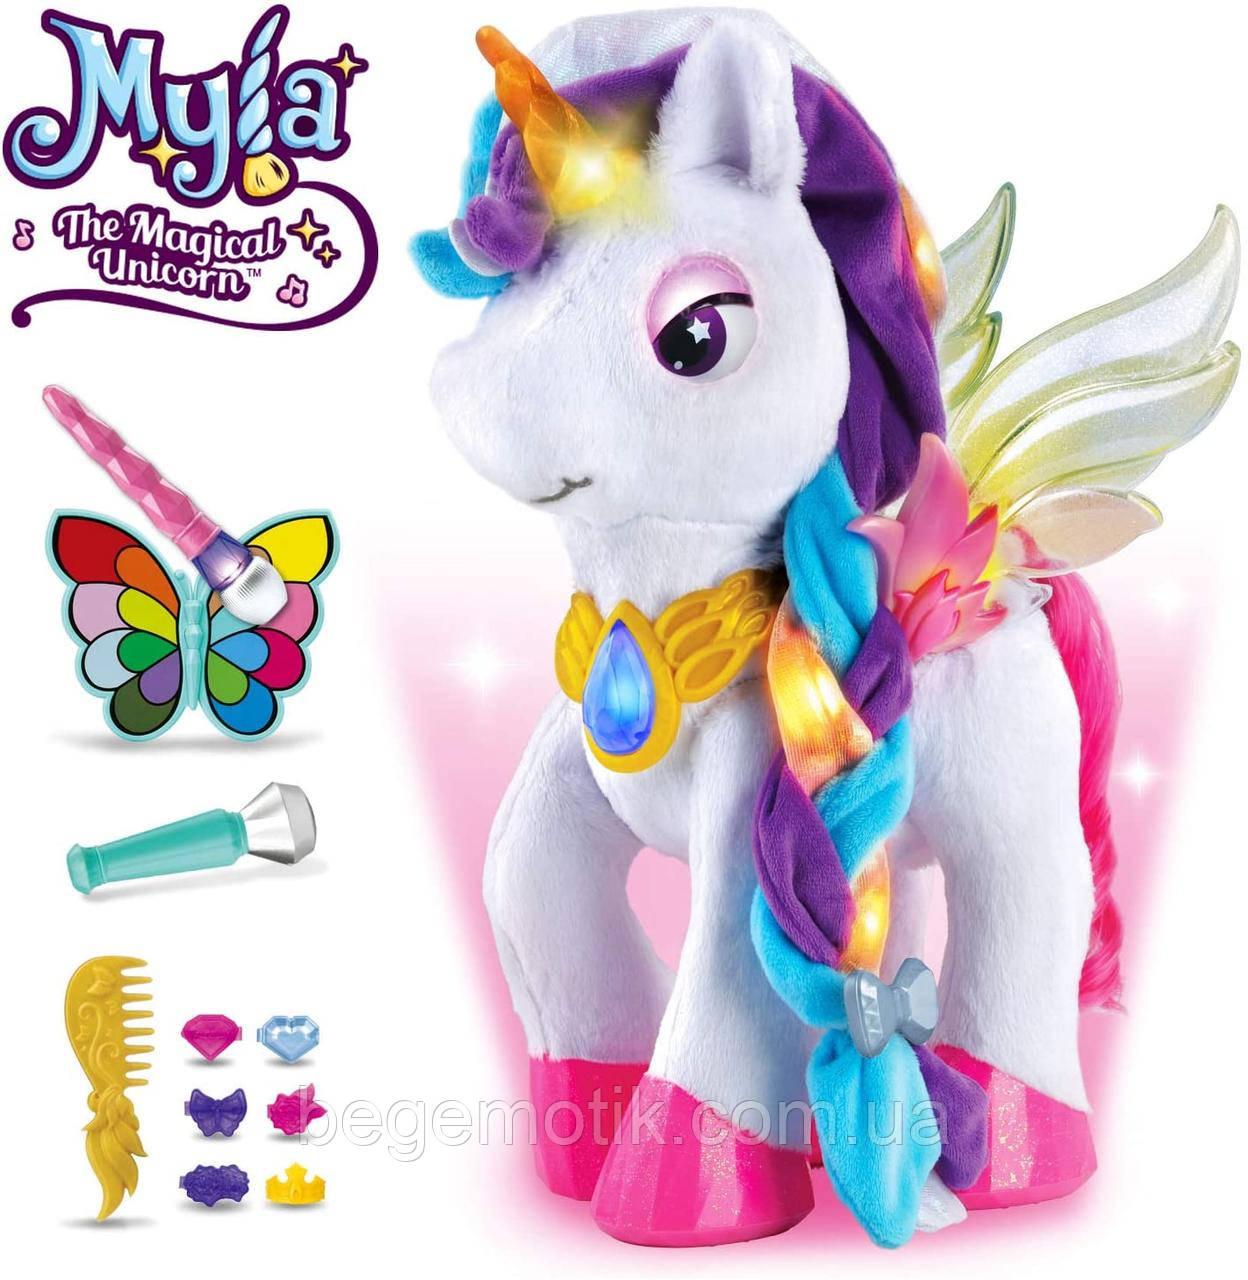 VTech Волшебный интерактивный единорог Мила Myla the Magical Unicorn